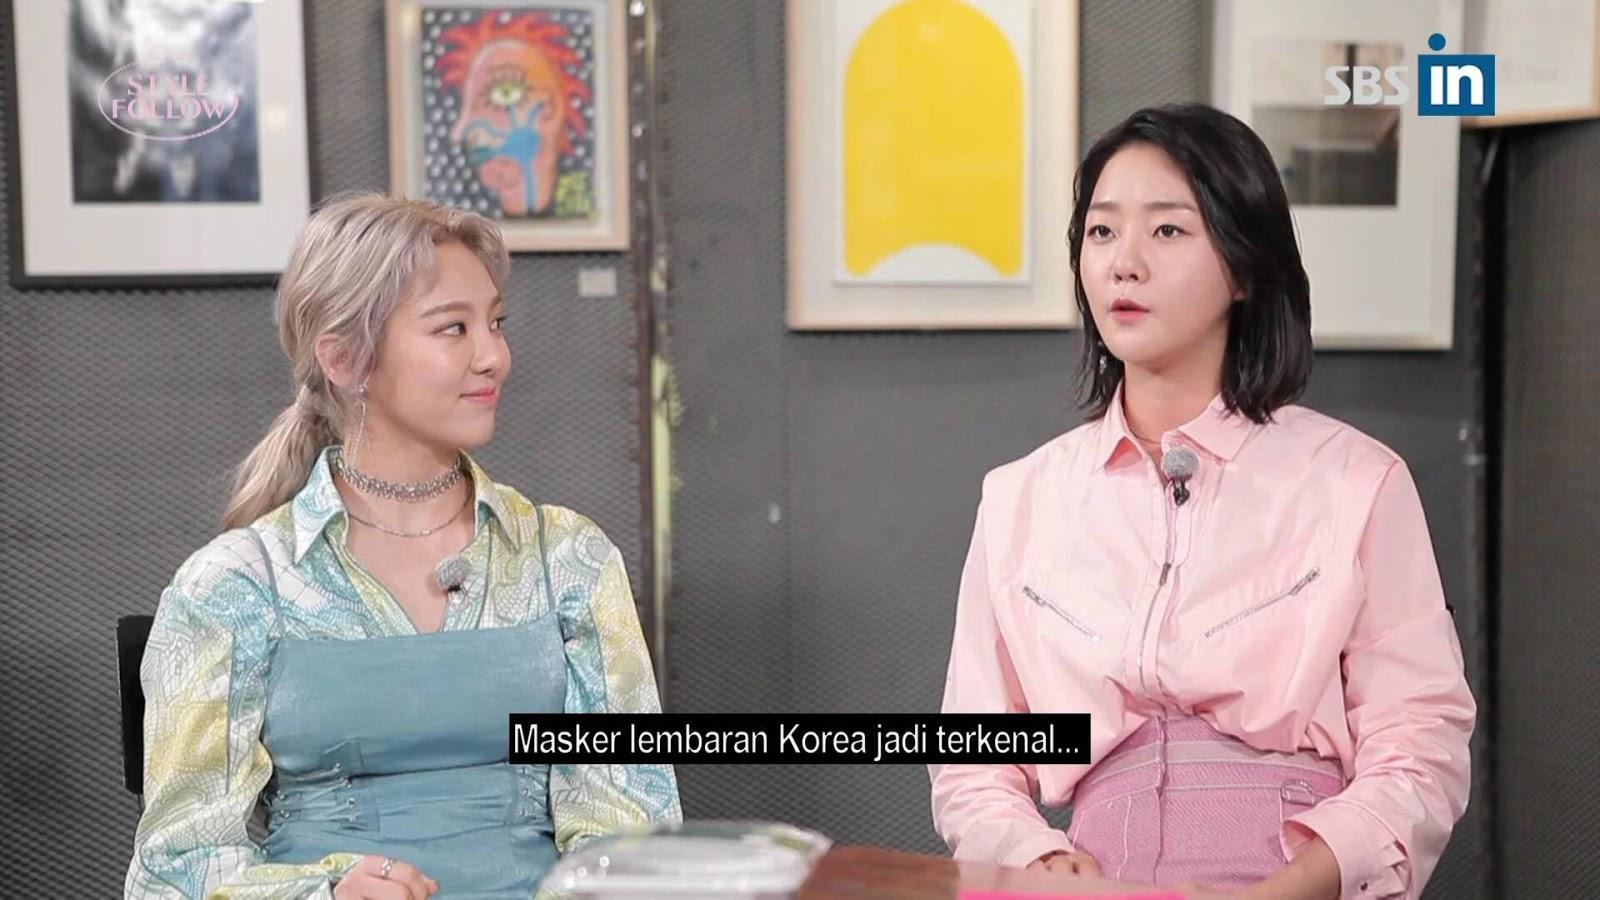 Penyebab Channel SBS Indonesia Siaran Gelap